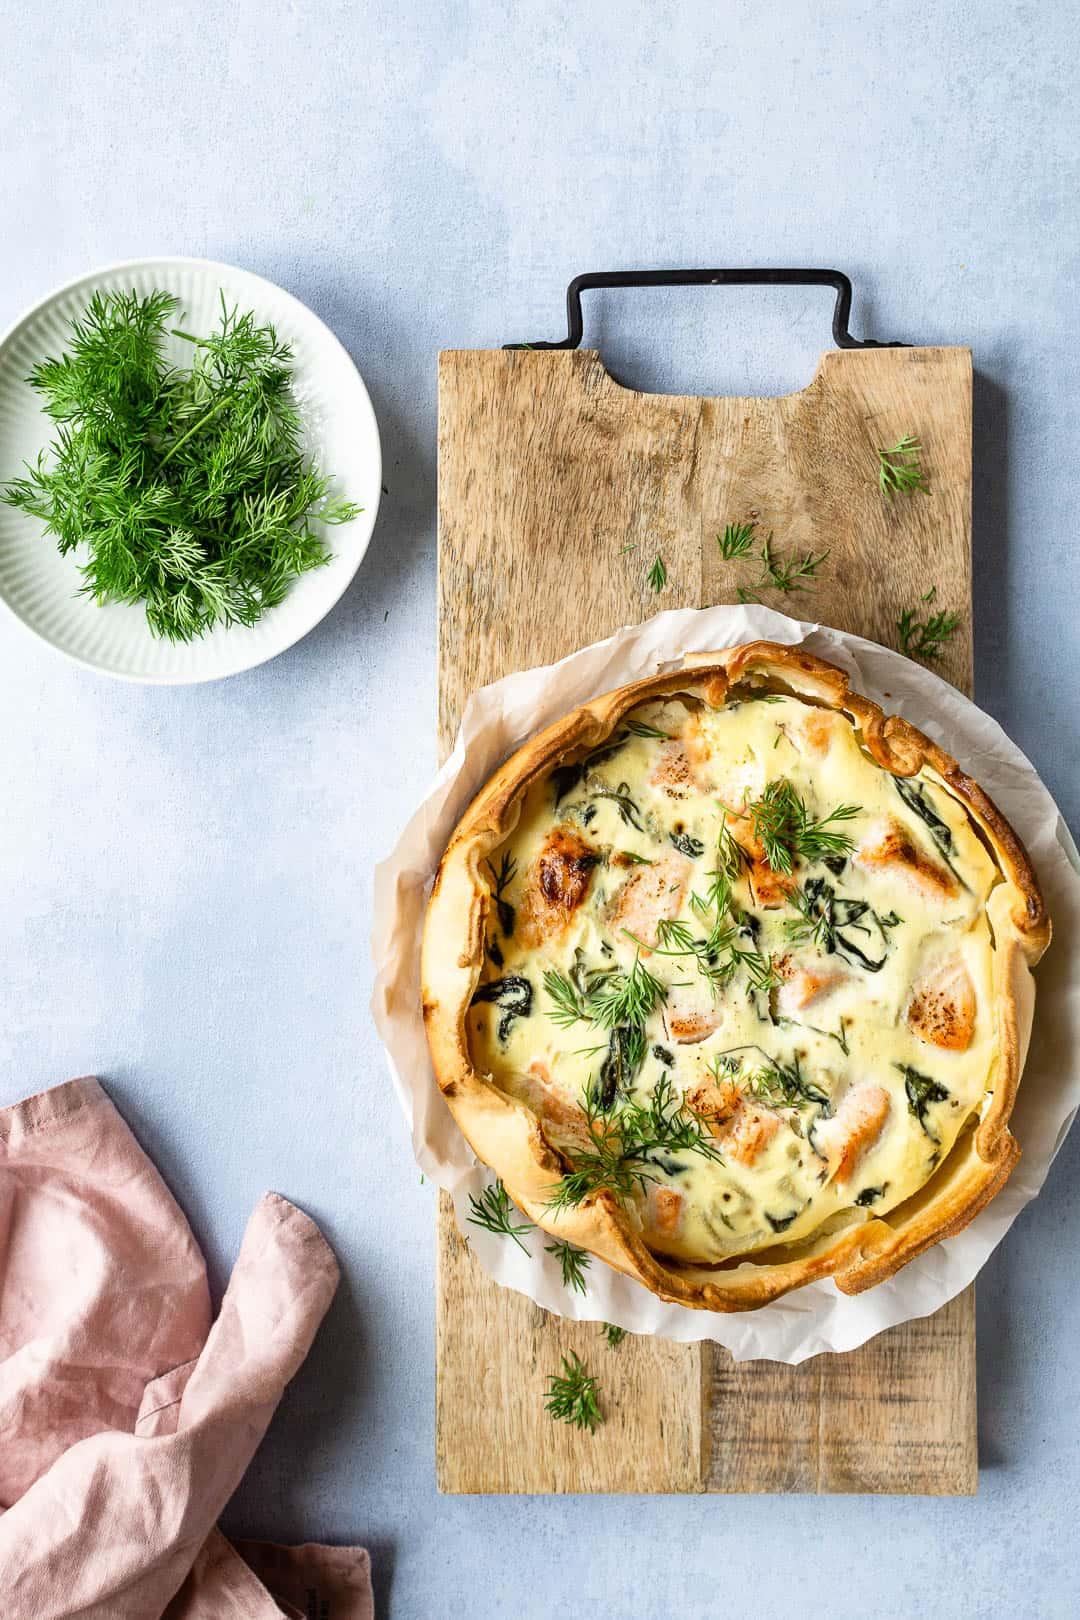 Tærte med laks, spinat og fennikel